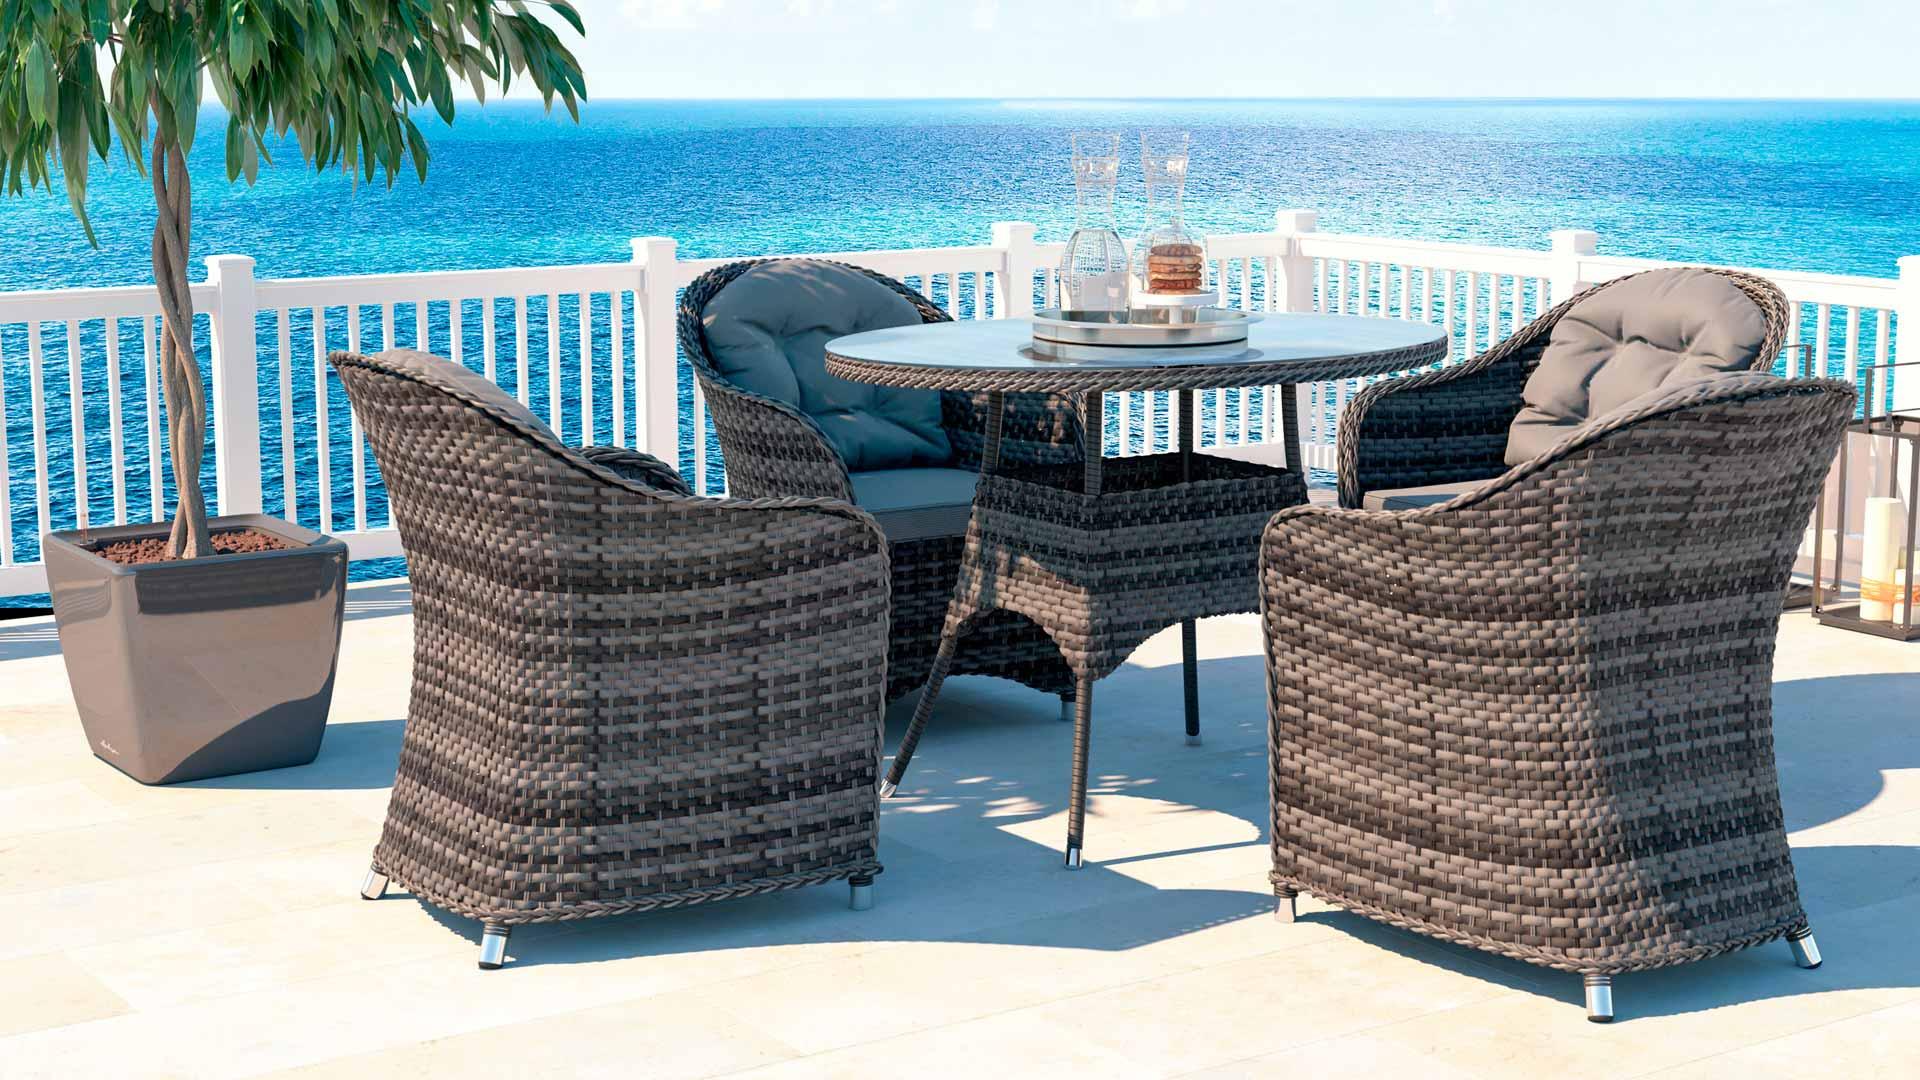 artelia rattan essgruppe ocean line livia m f r 4 personen mit tisch und st hlen aus polyrattan. Black Bedroom Furniture Sets. Home Design Ideas